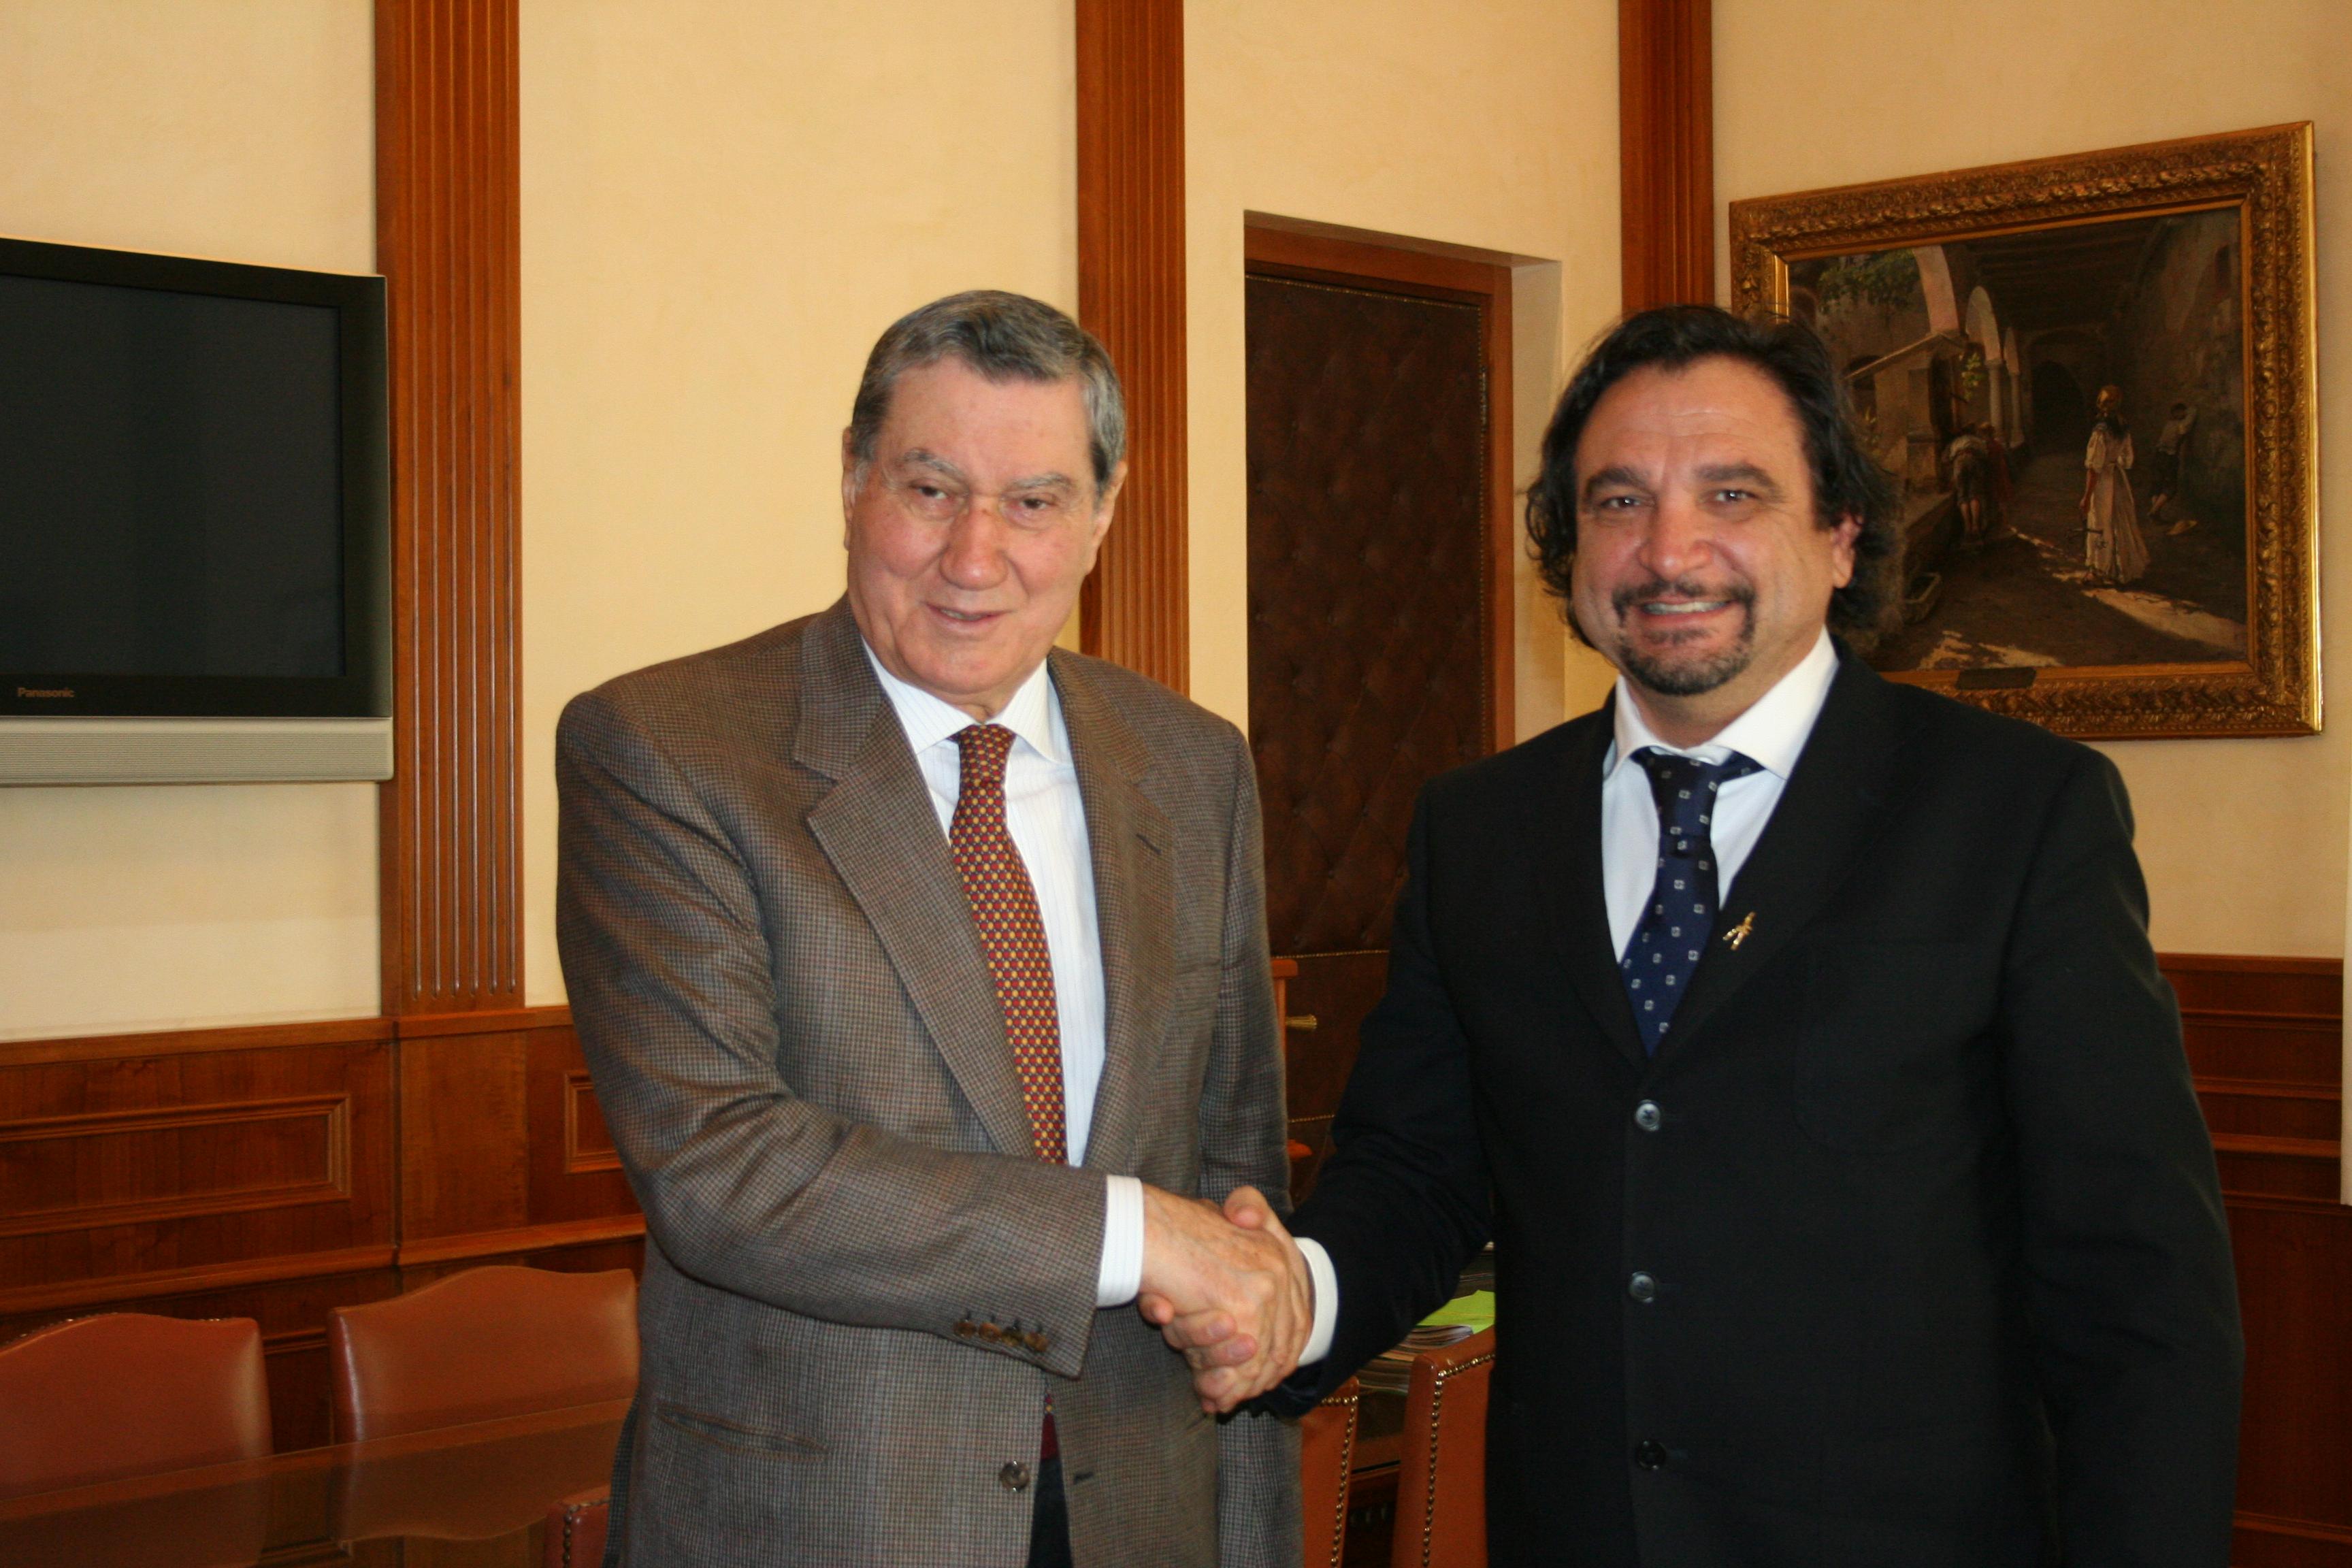 Alberghini con il vicepresidente del CSM